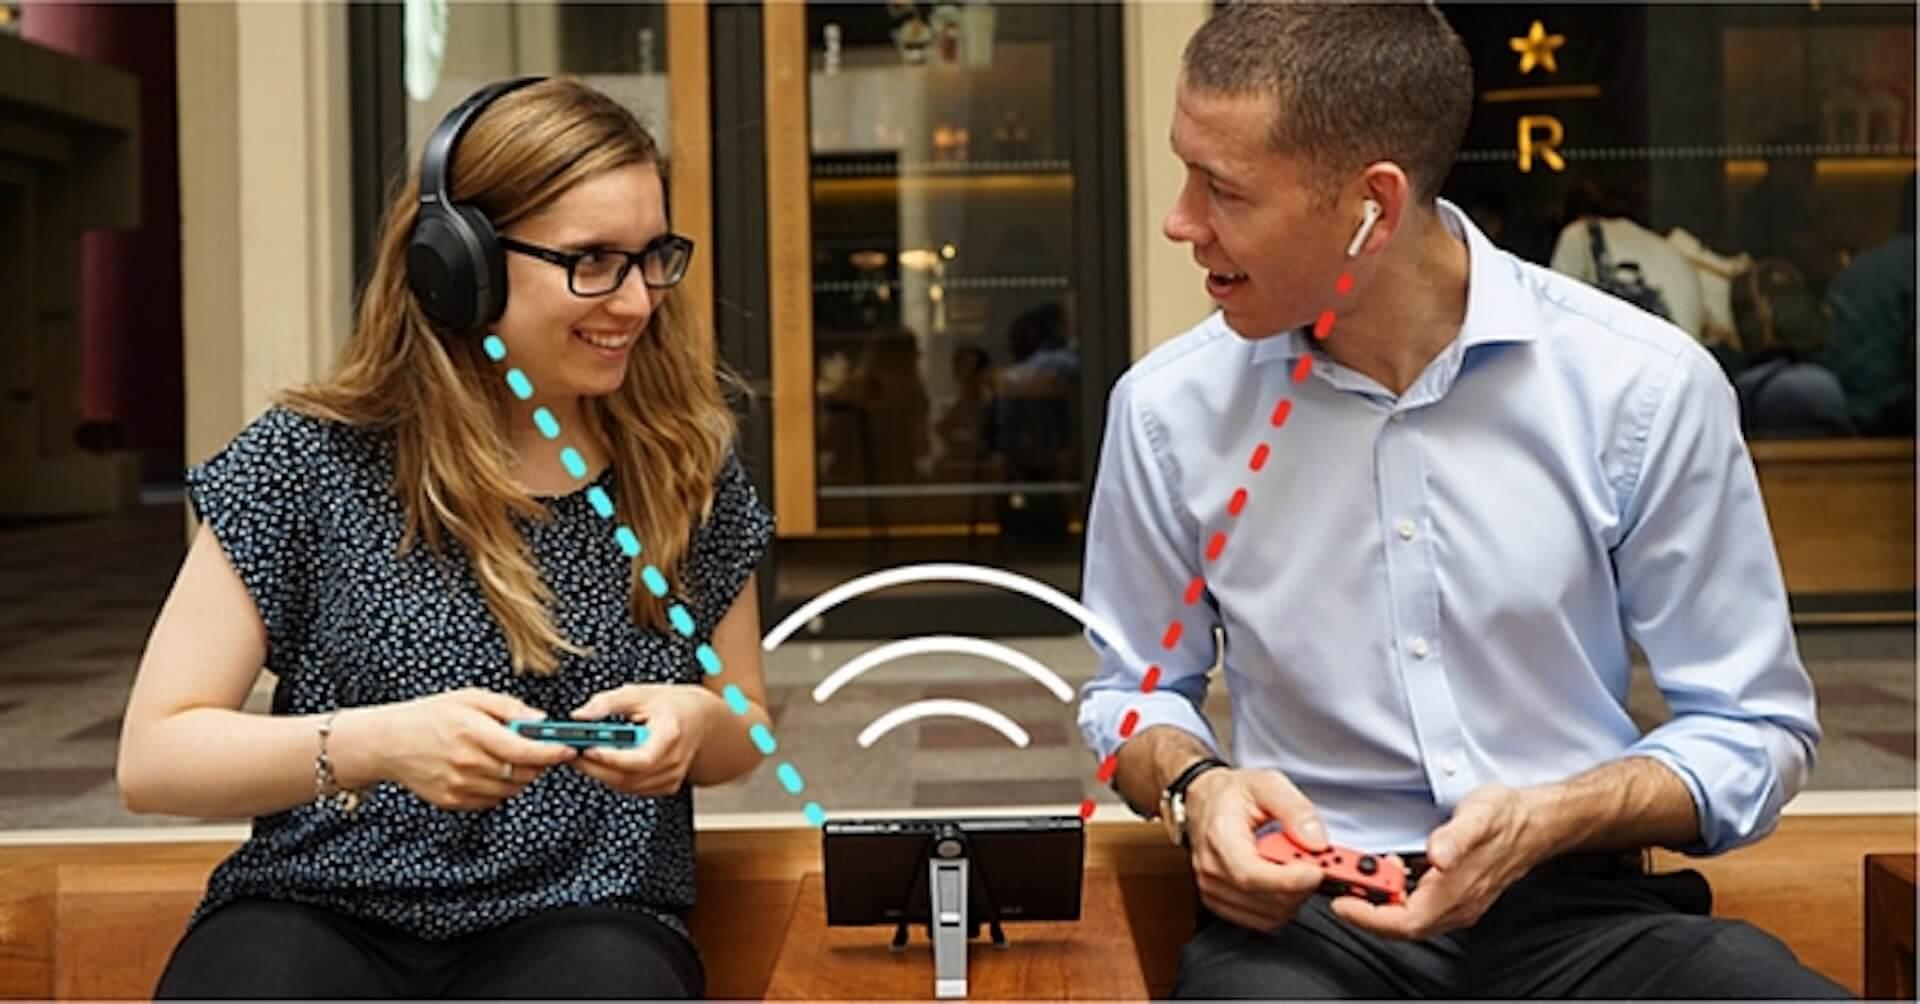 Nintendo Switchをワイヤレスイヤホン/スピーカーで楽しもう!Bluetooth対応アダプタ「Genki」がGlotureで発売中 tech200414_nintendoswitch_7